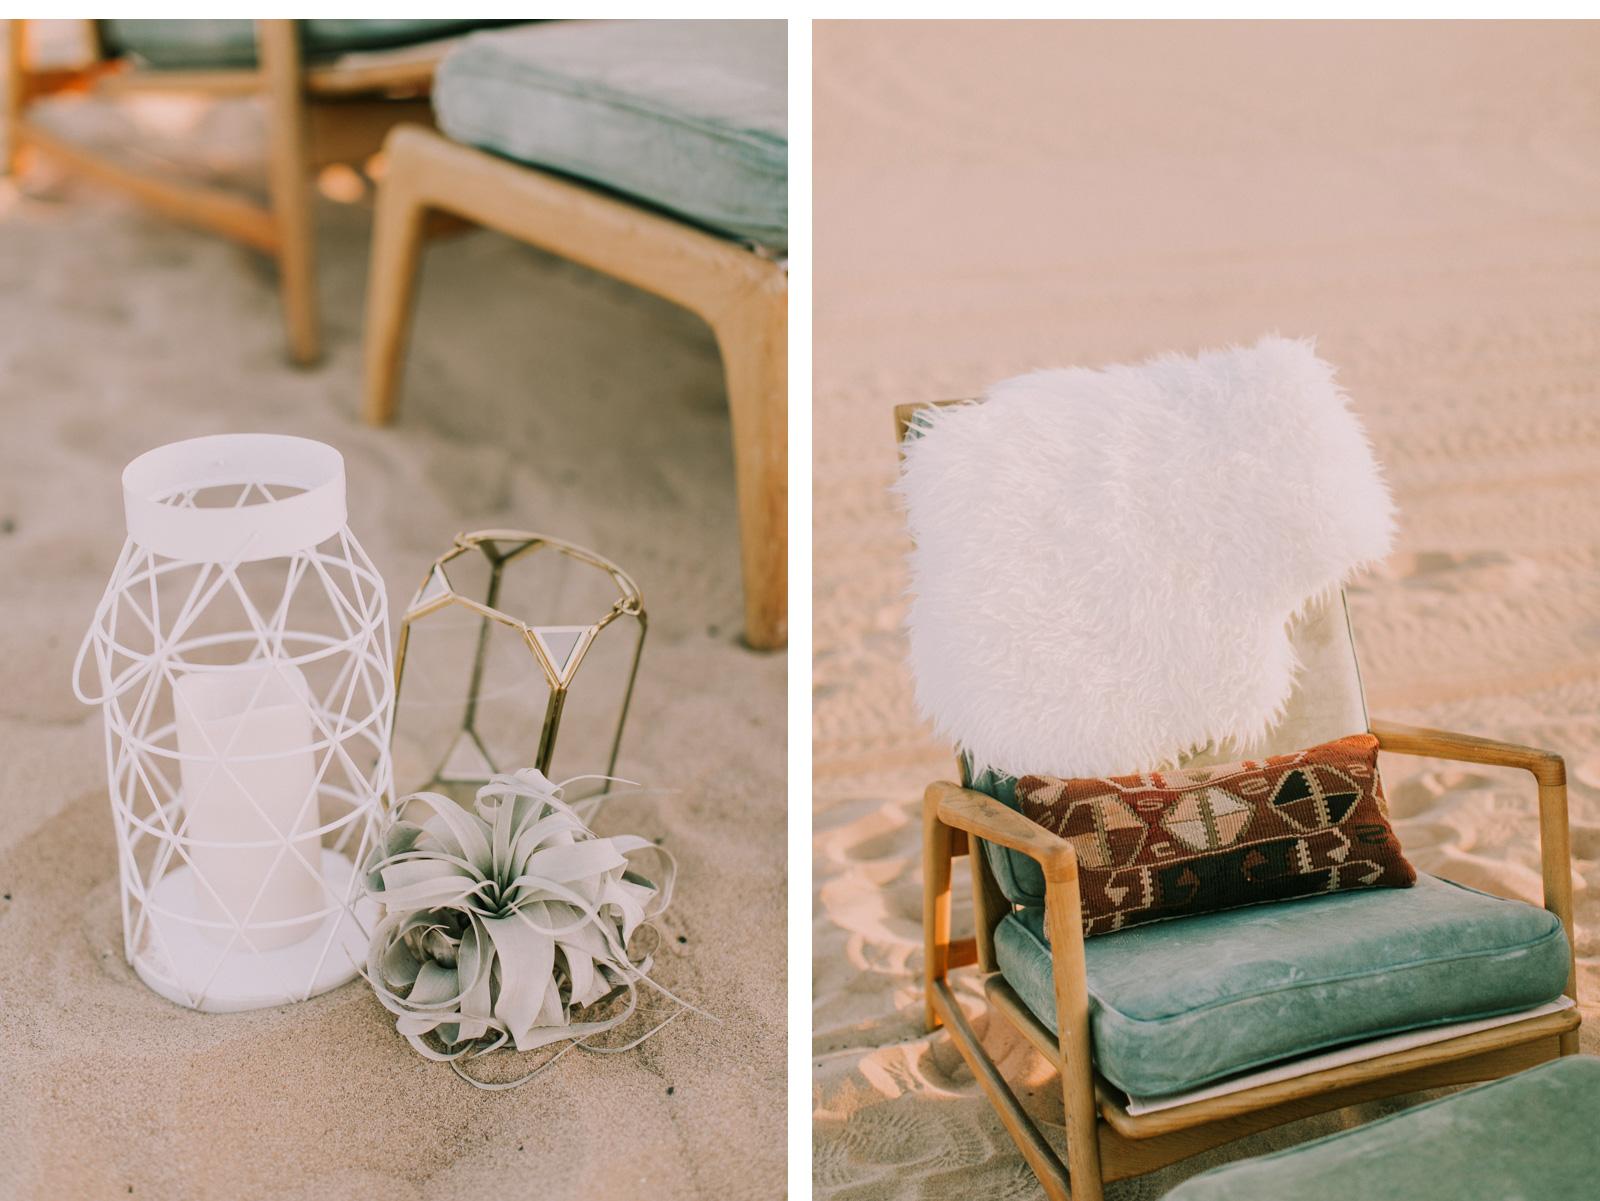 Adventure-Wedding-Green-Wedding-Shoes-Natalie-Schutt-Photography_02.jpg